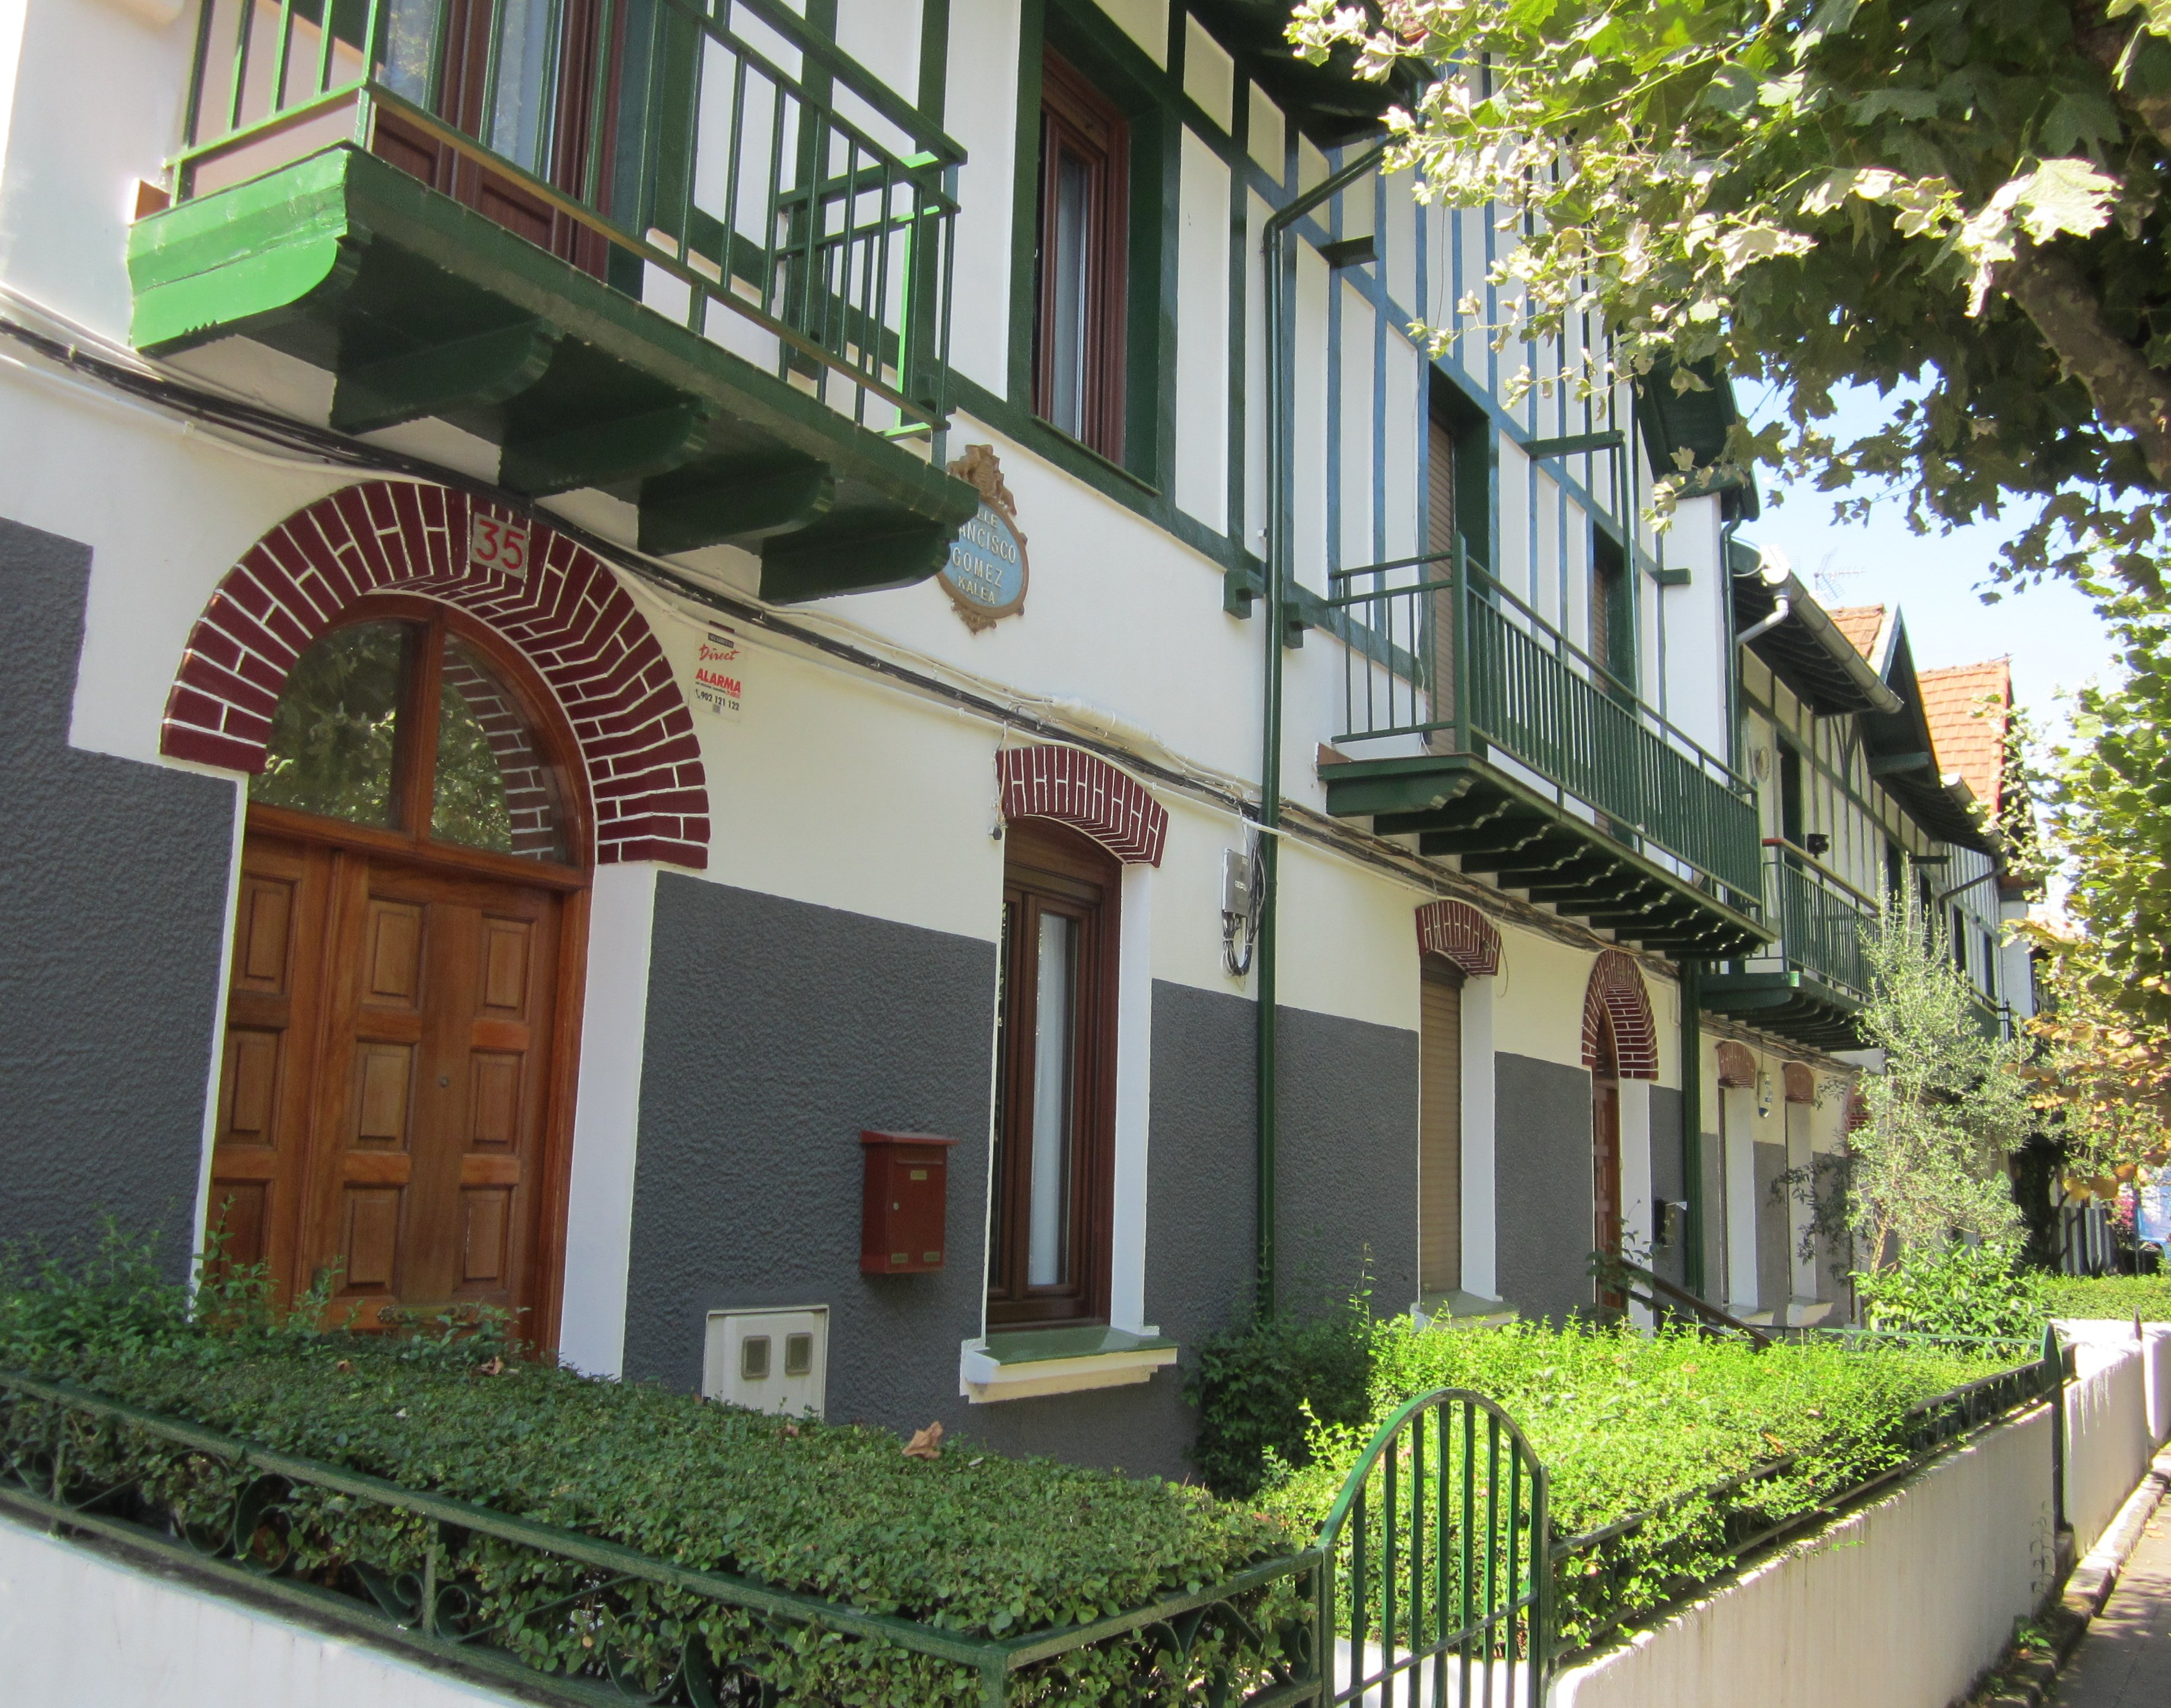 Casas de baratas comisin nacional de casas baratas with casas de baratas gallery of conjunto - Casas de alquiler en motril baratas ...